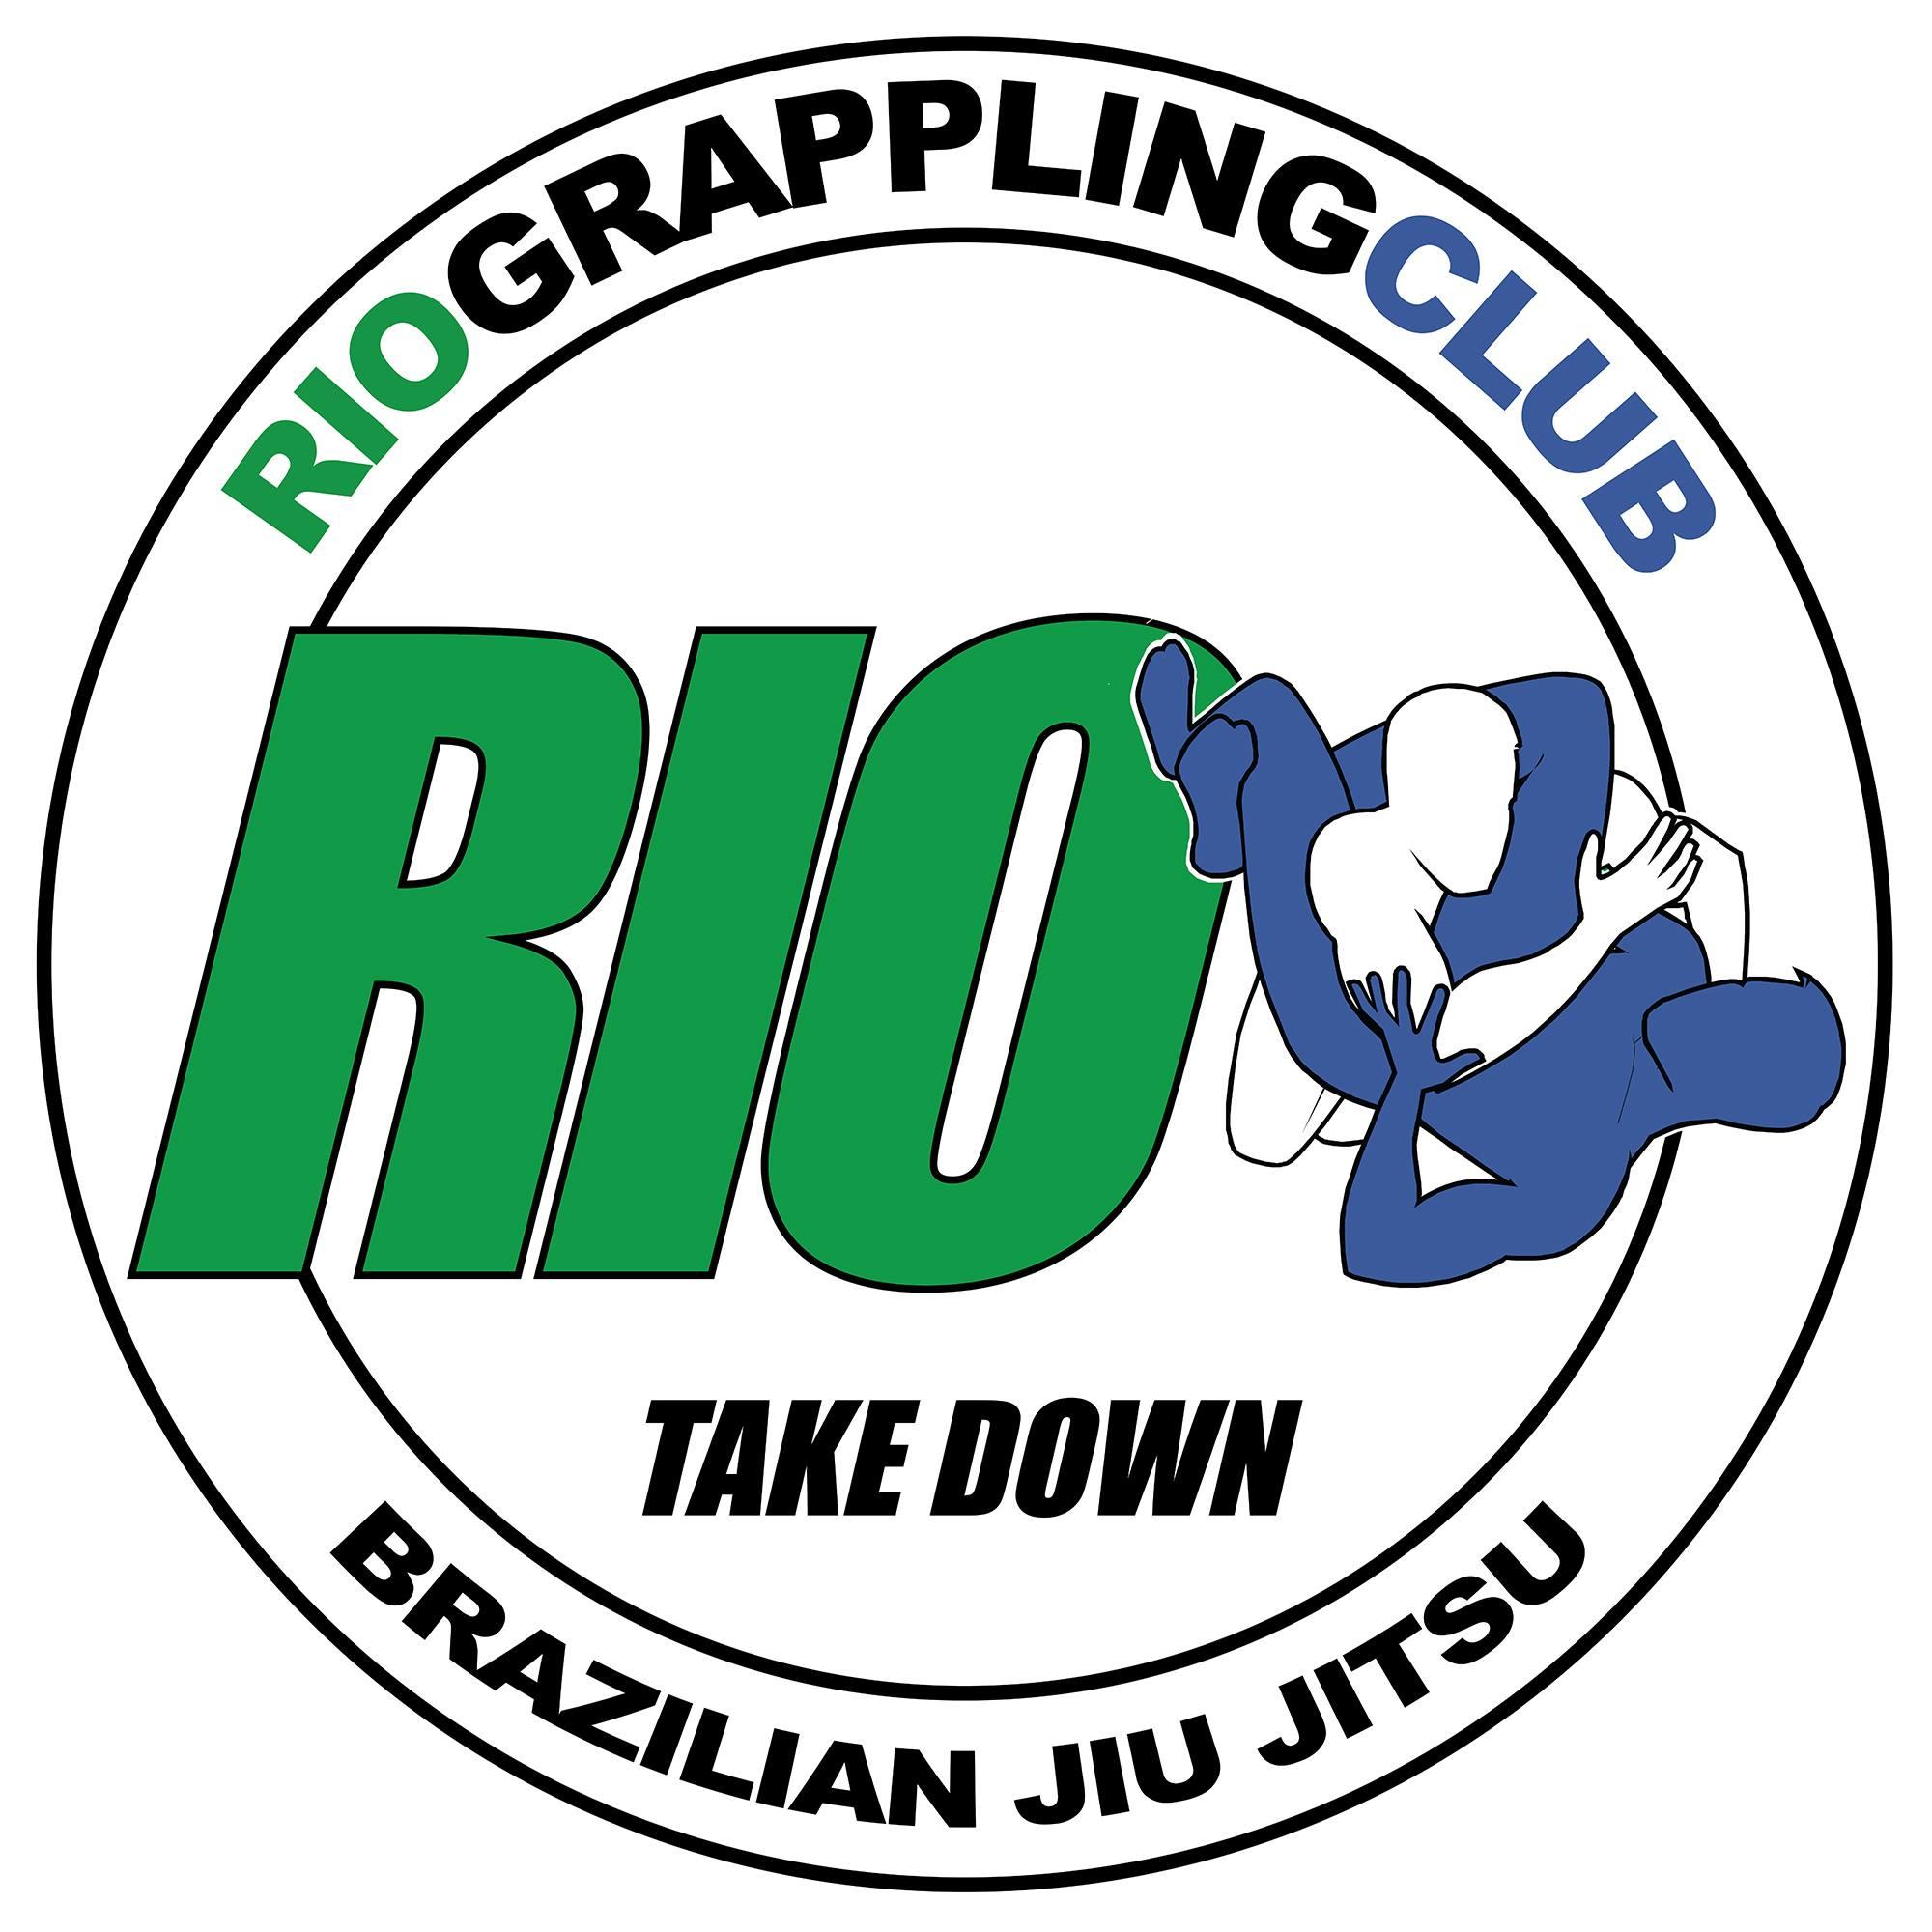 Rio Grappling Club Takedown